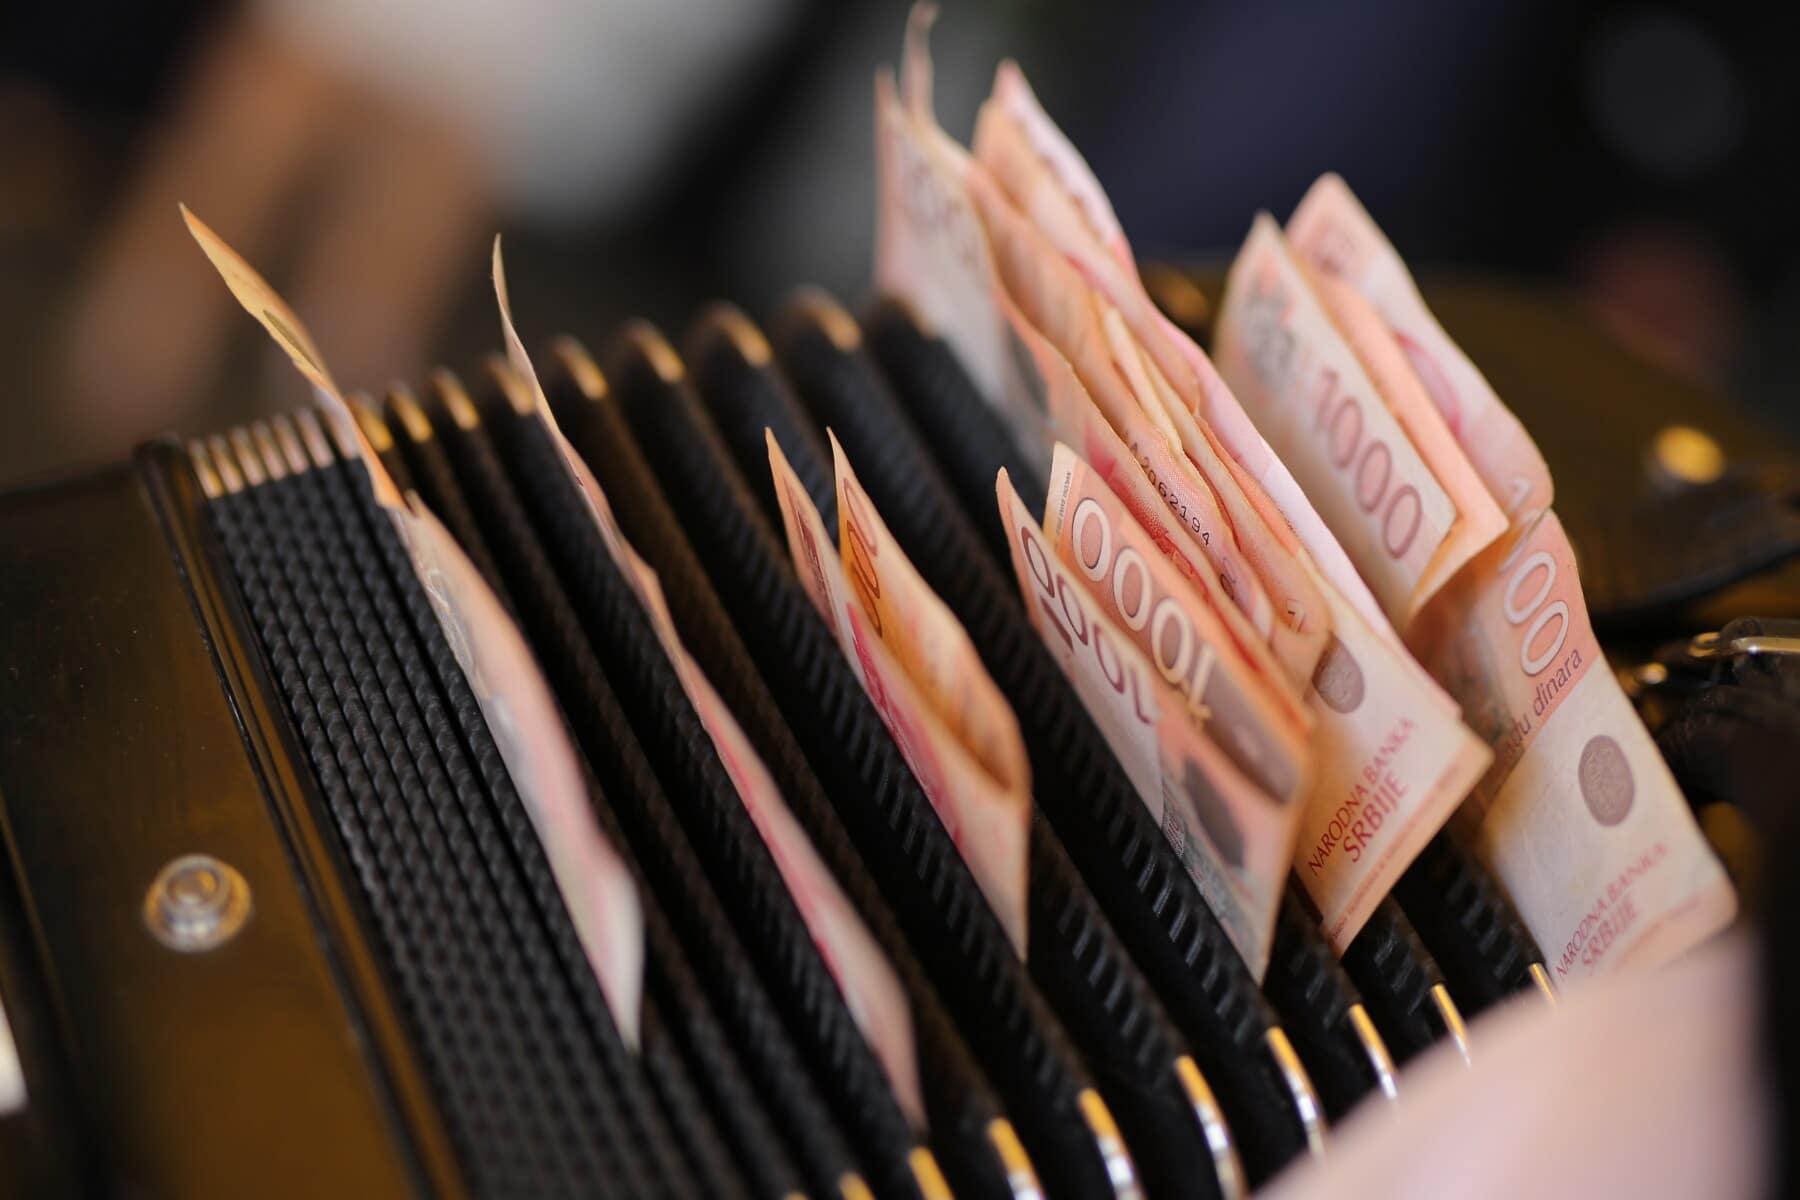 argent, musicien, billet de banque, trésorerie, accordéon, divertissement, entreprise, à l'intérieur, papier, nature morte